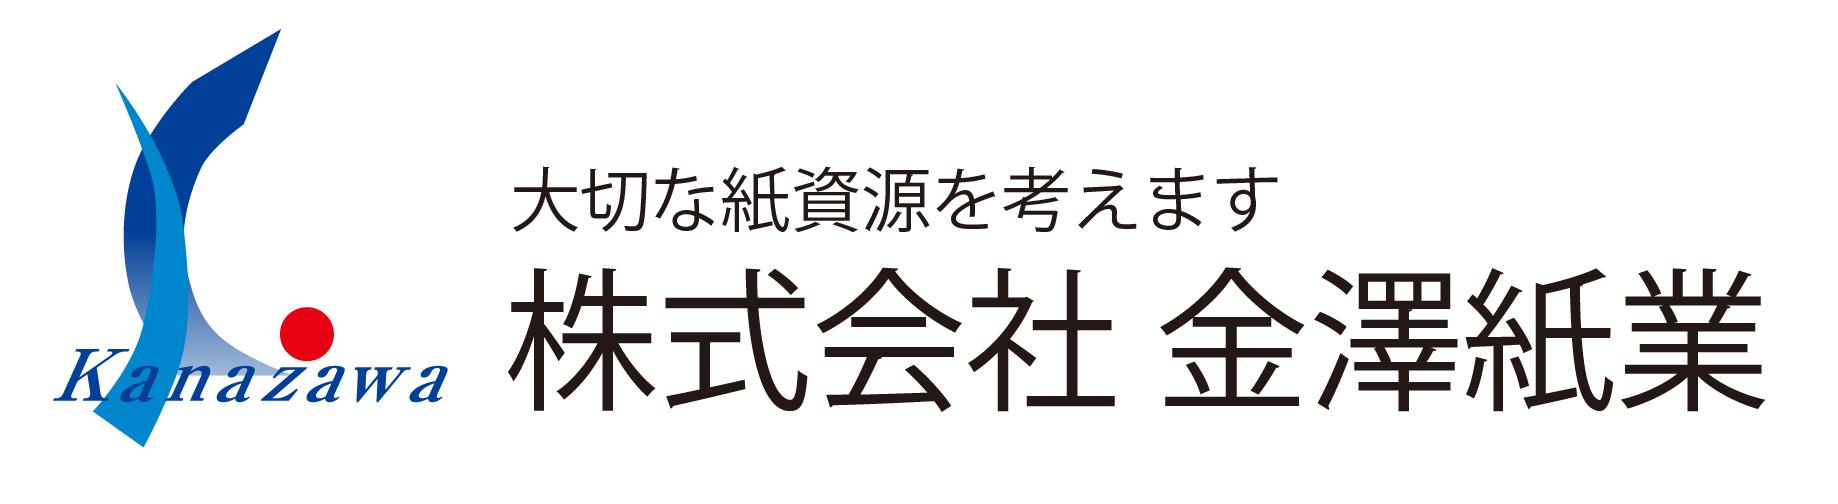 株式会社金澤紙業